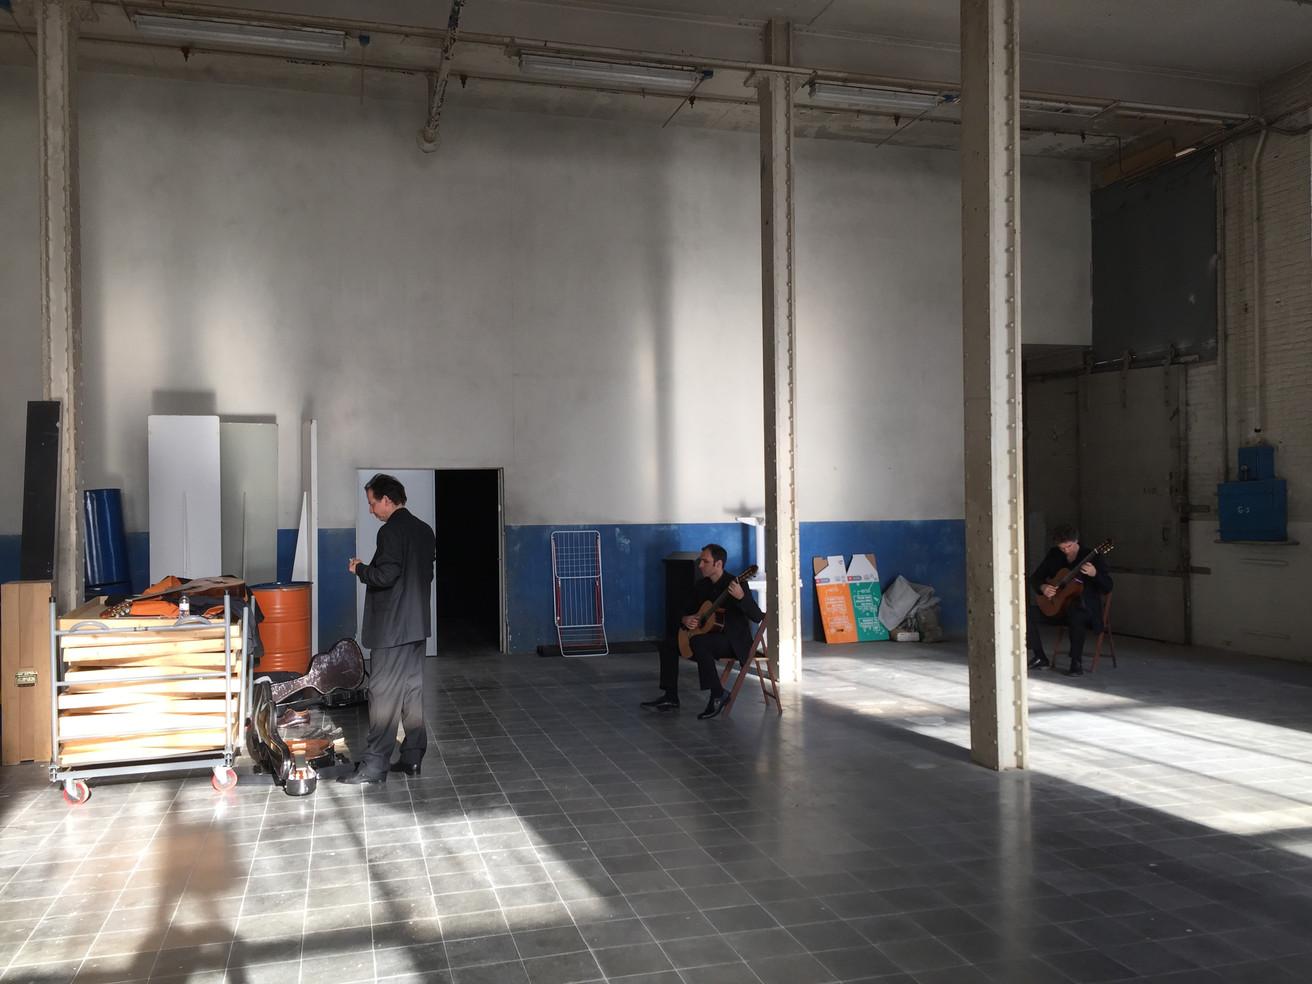 Barcelona  Fabra i Coats-Fàbrica de Creació de Barcelona backstage ALEPH Gitarrenquartett